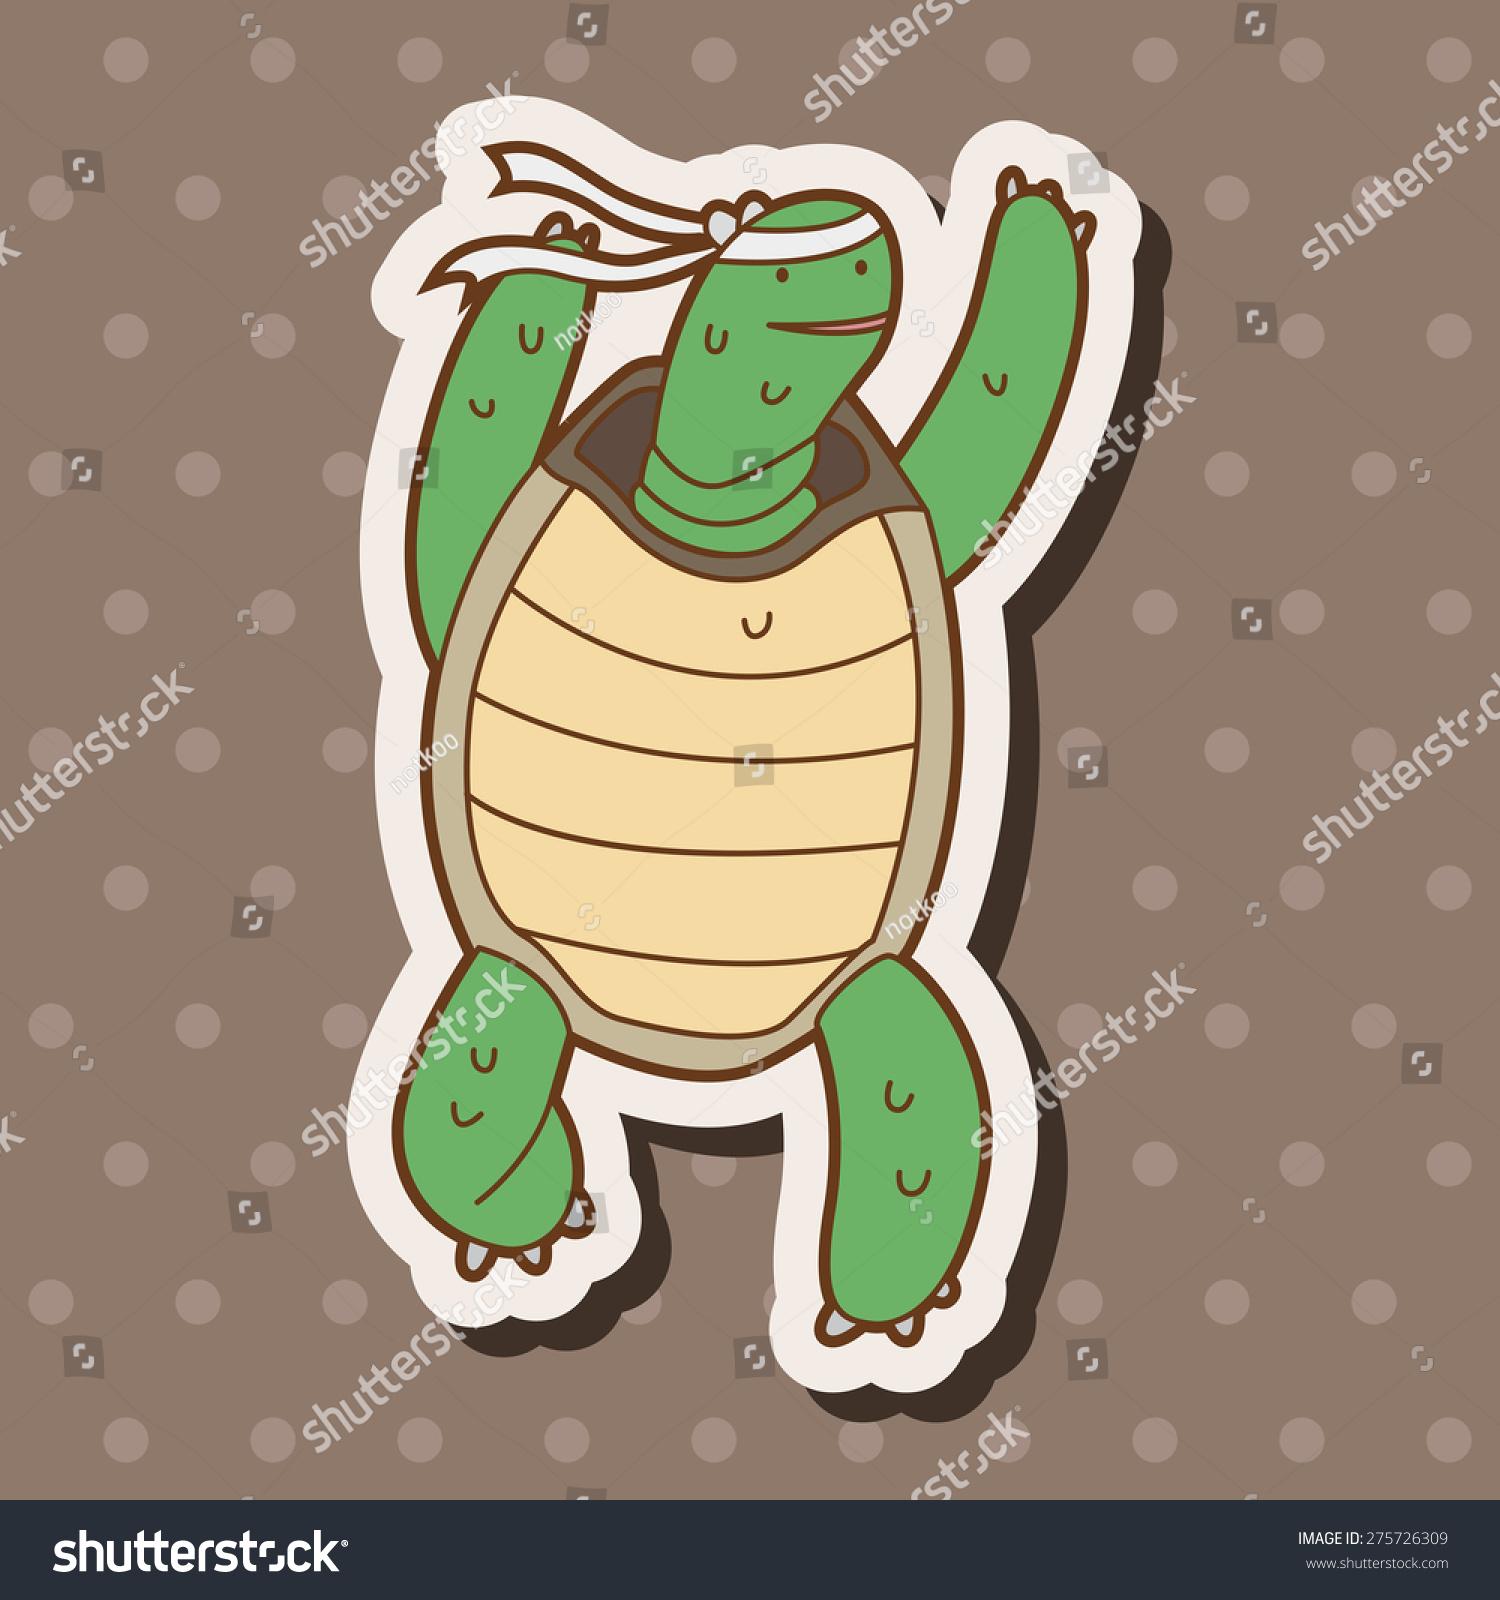 乌龟和兔子,卡通贴纸图标